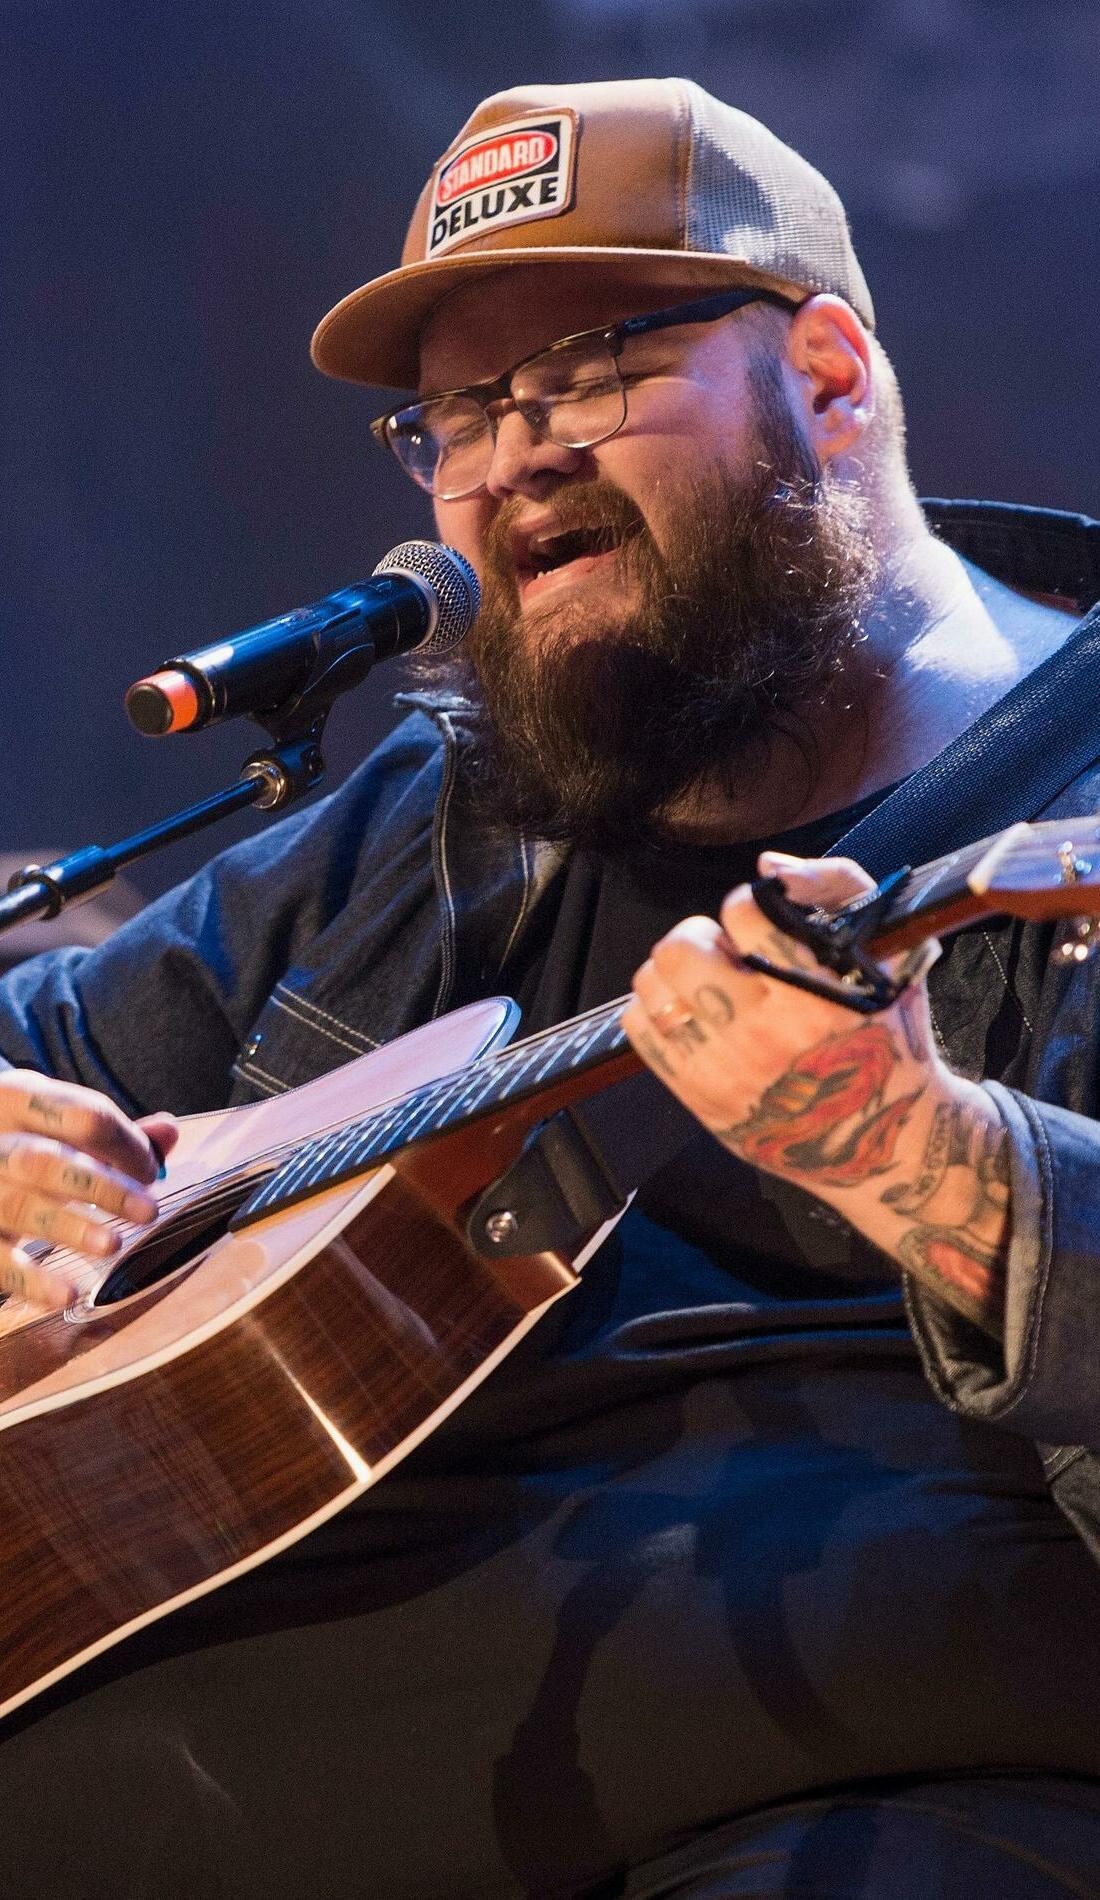 A John Moreland live event